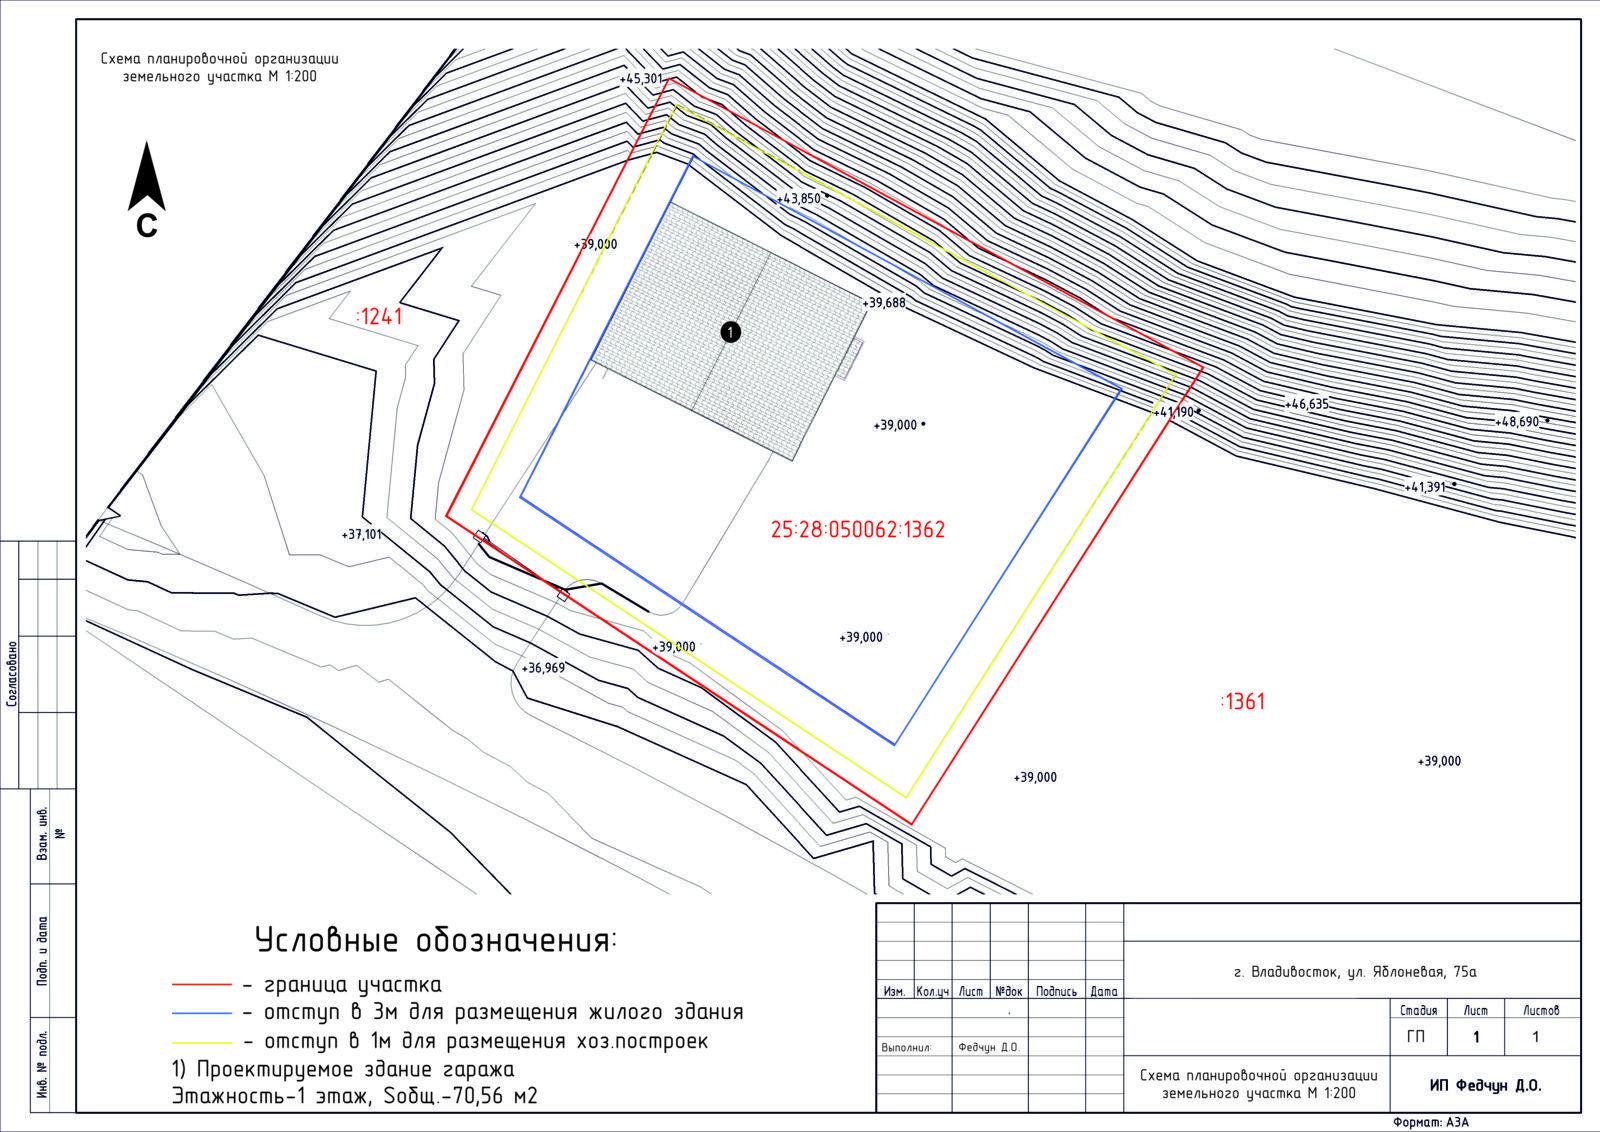 СПОЗУ - Схема планировочной организации земельного участка %D0%A1%D0%9F%D0%9E%D0%97%D0%A3-jpg.4288